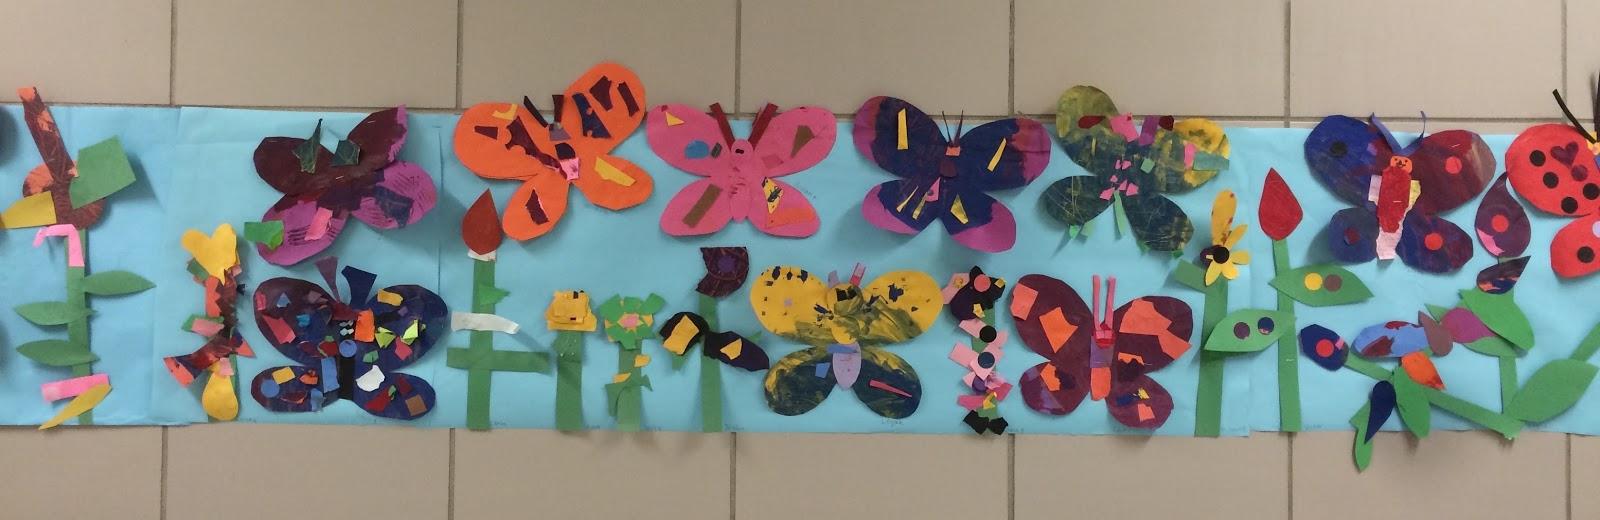 visual art at ps 307 kindergarten and first grade butterfly garden